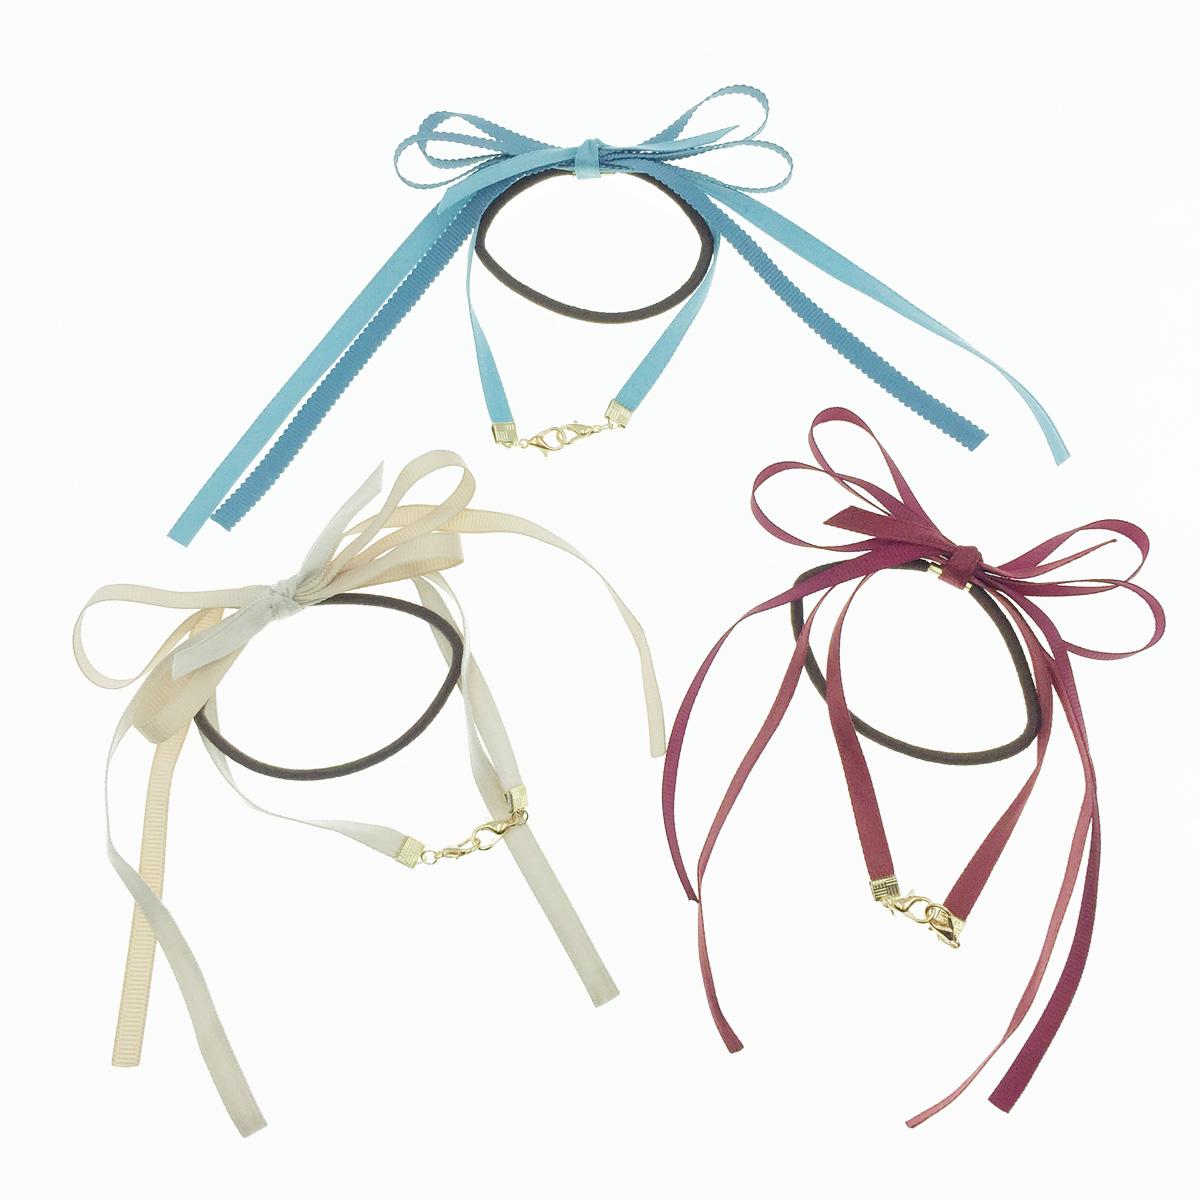 韓國 口罩鍊 蝴蝶結 髮飾 素面 細緞帶 三色 髮圈 髮束